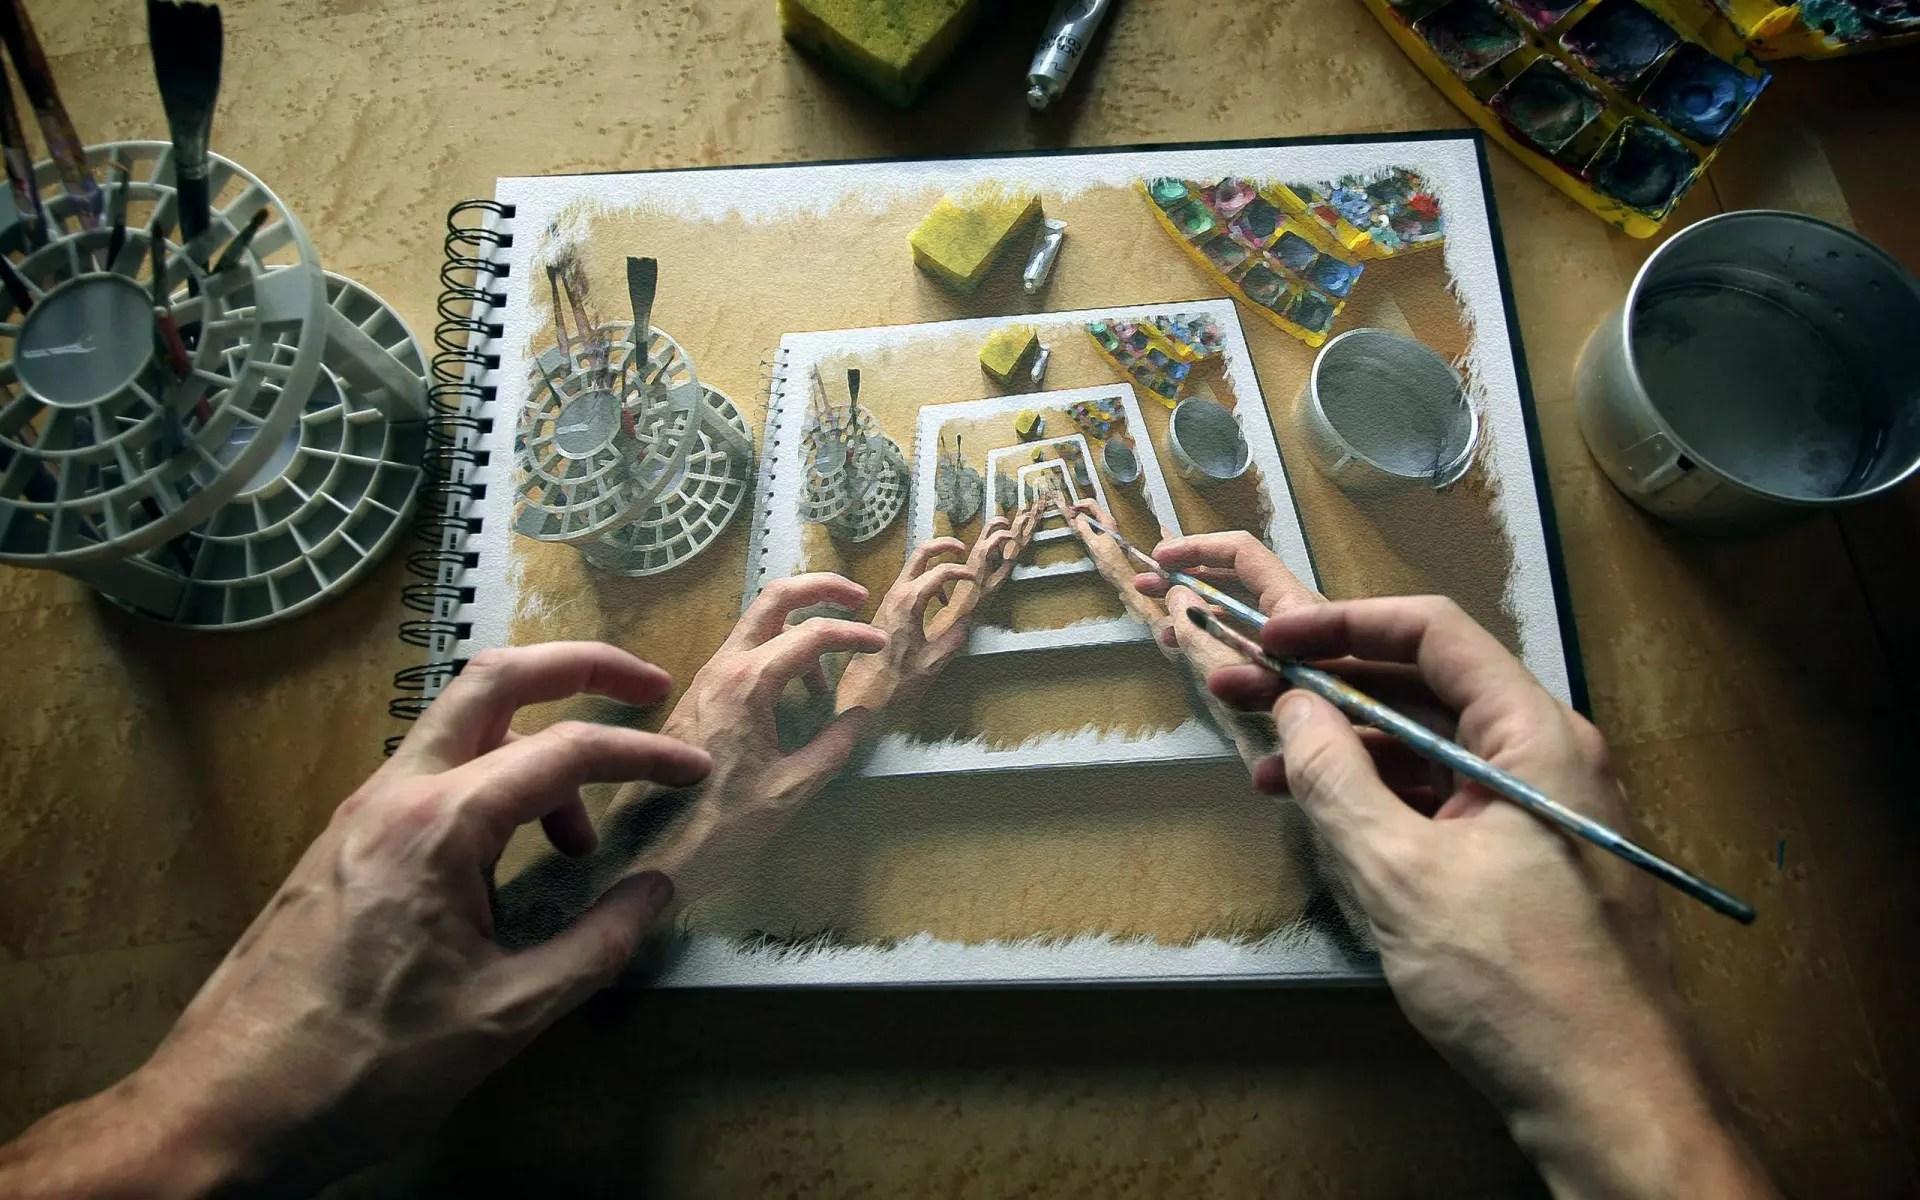 Du måste välja grunden, det vill säga en bild på vilken ett annat objekt kommer att placeras. Detta kan vara någonting. Till exempel, i Photoshop kan du skapa egna bilder för att bifoga andra bilder eller inskriptioner till dem.